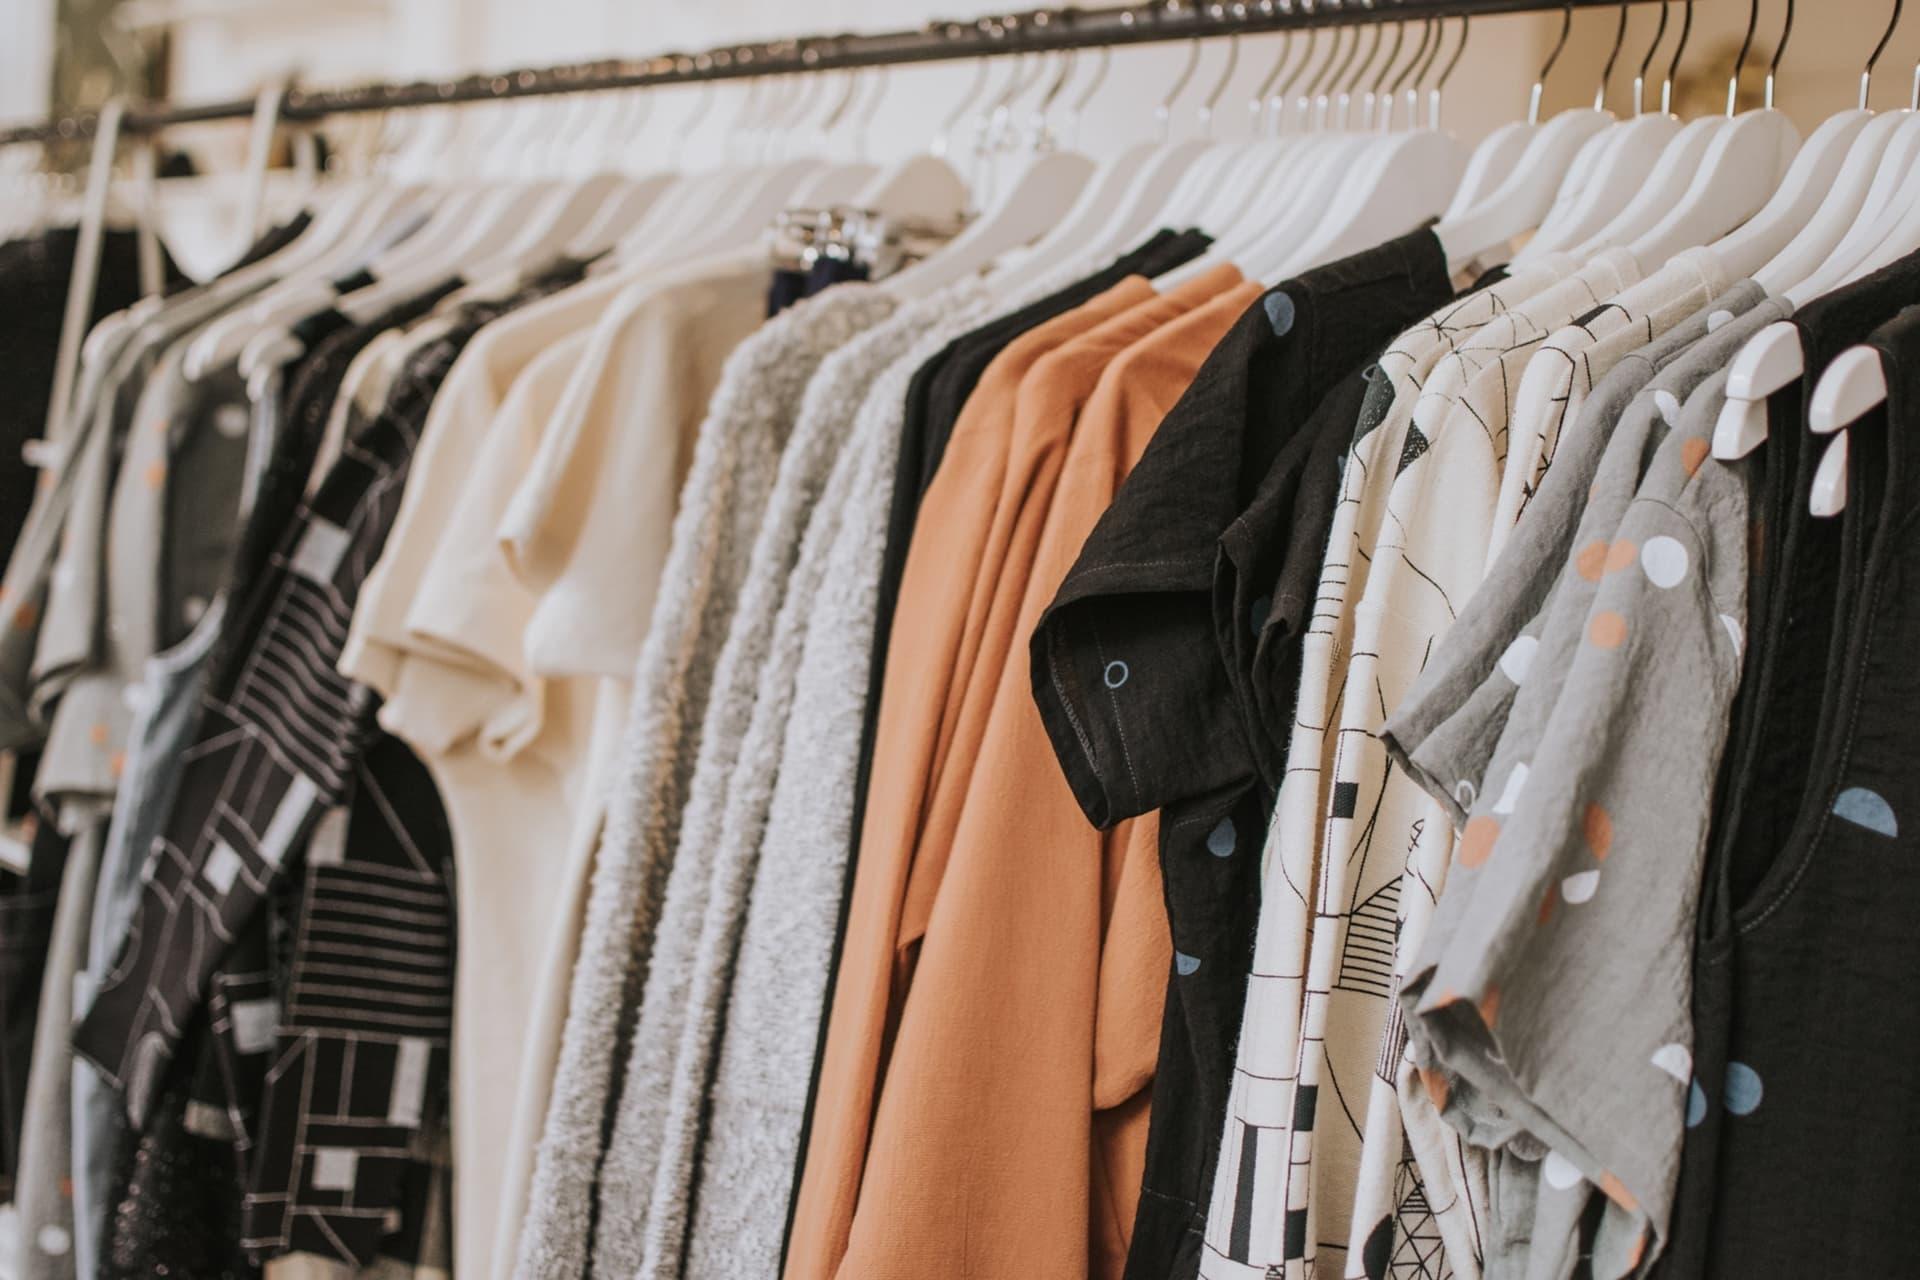 Cum să îți reînnoiești garderoba susținând designeri locali